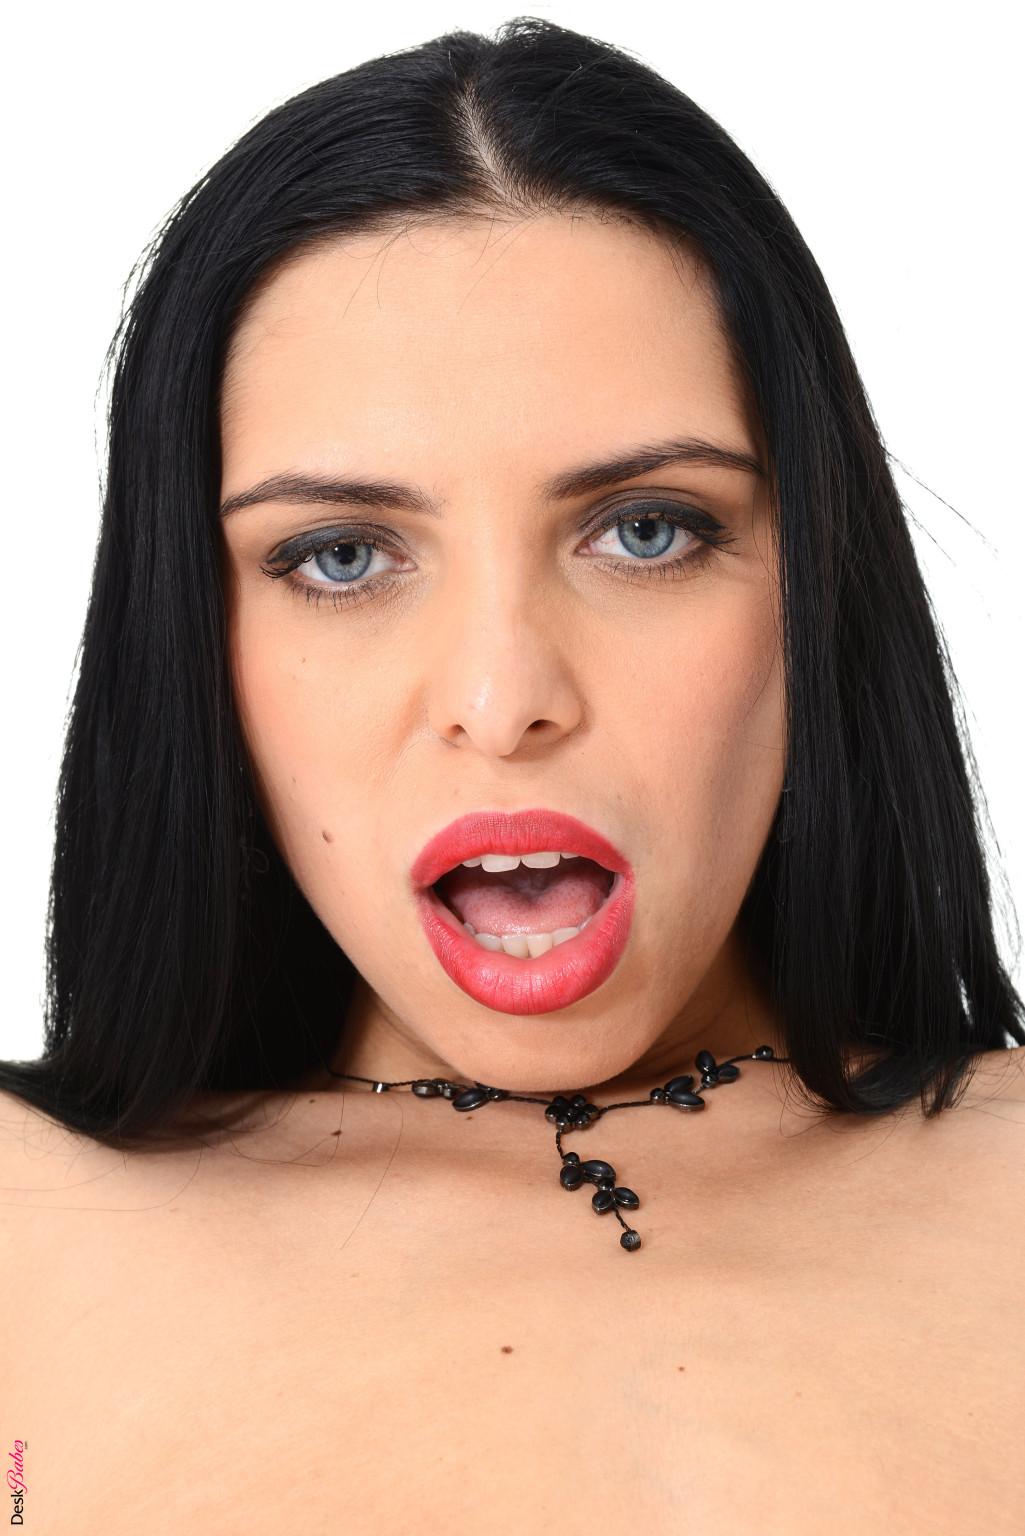 Кира Куин - эффектная брюнетка, которая готова раздеться перед камерой и показать, как она вставляет фаллос